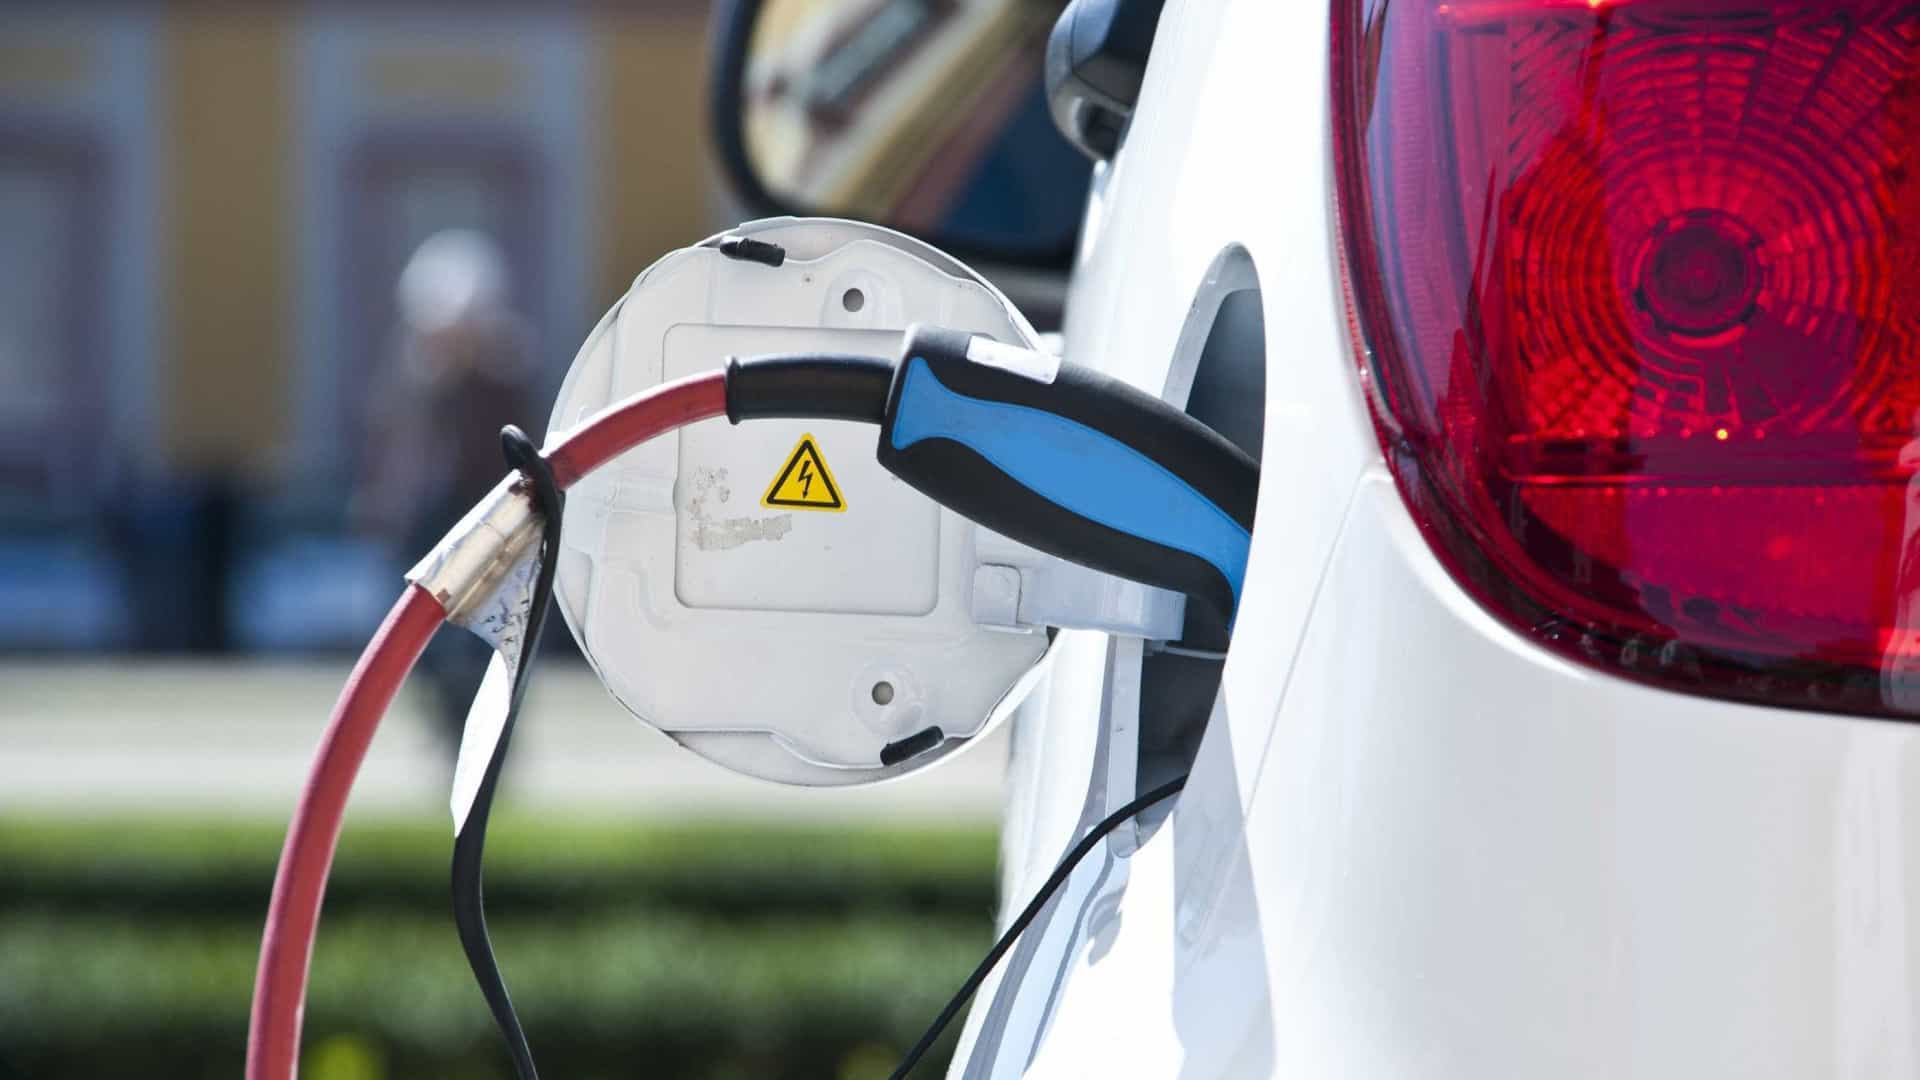 Postos para carregar elétricos são desligados sem aviso, dizem condutores